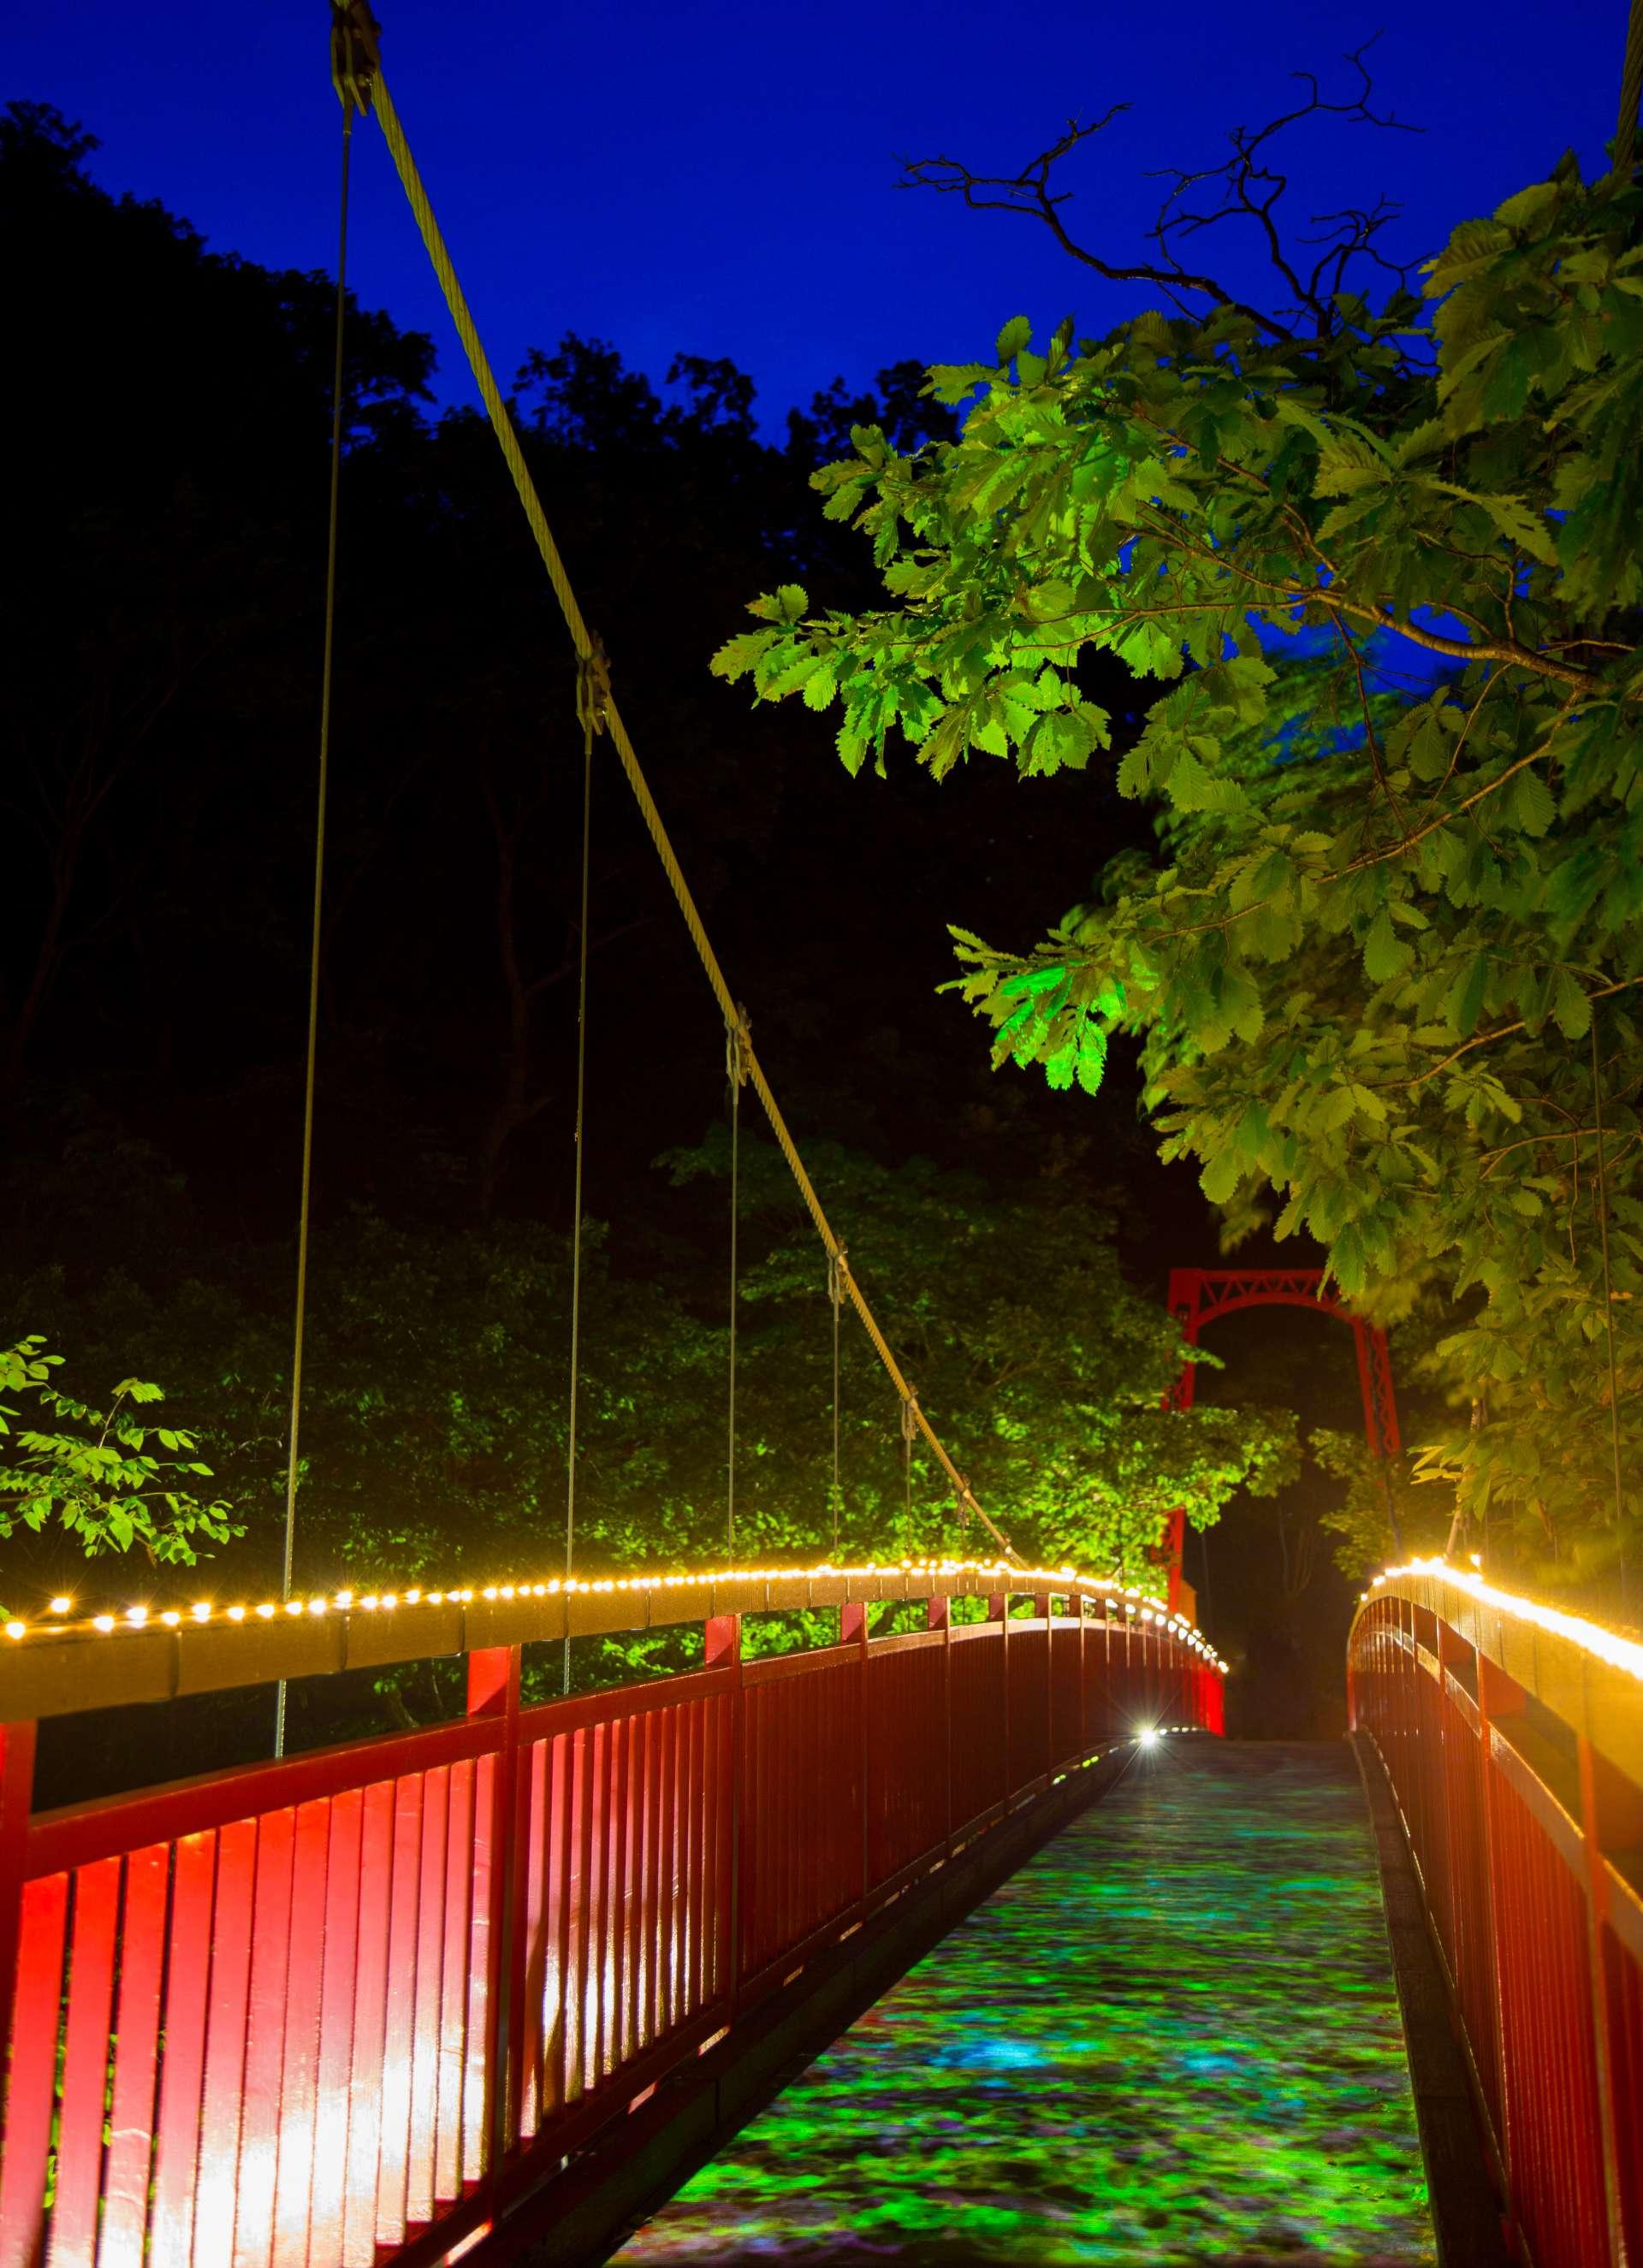 夏天之二見吊橋點燈 童話般的世界